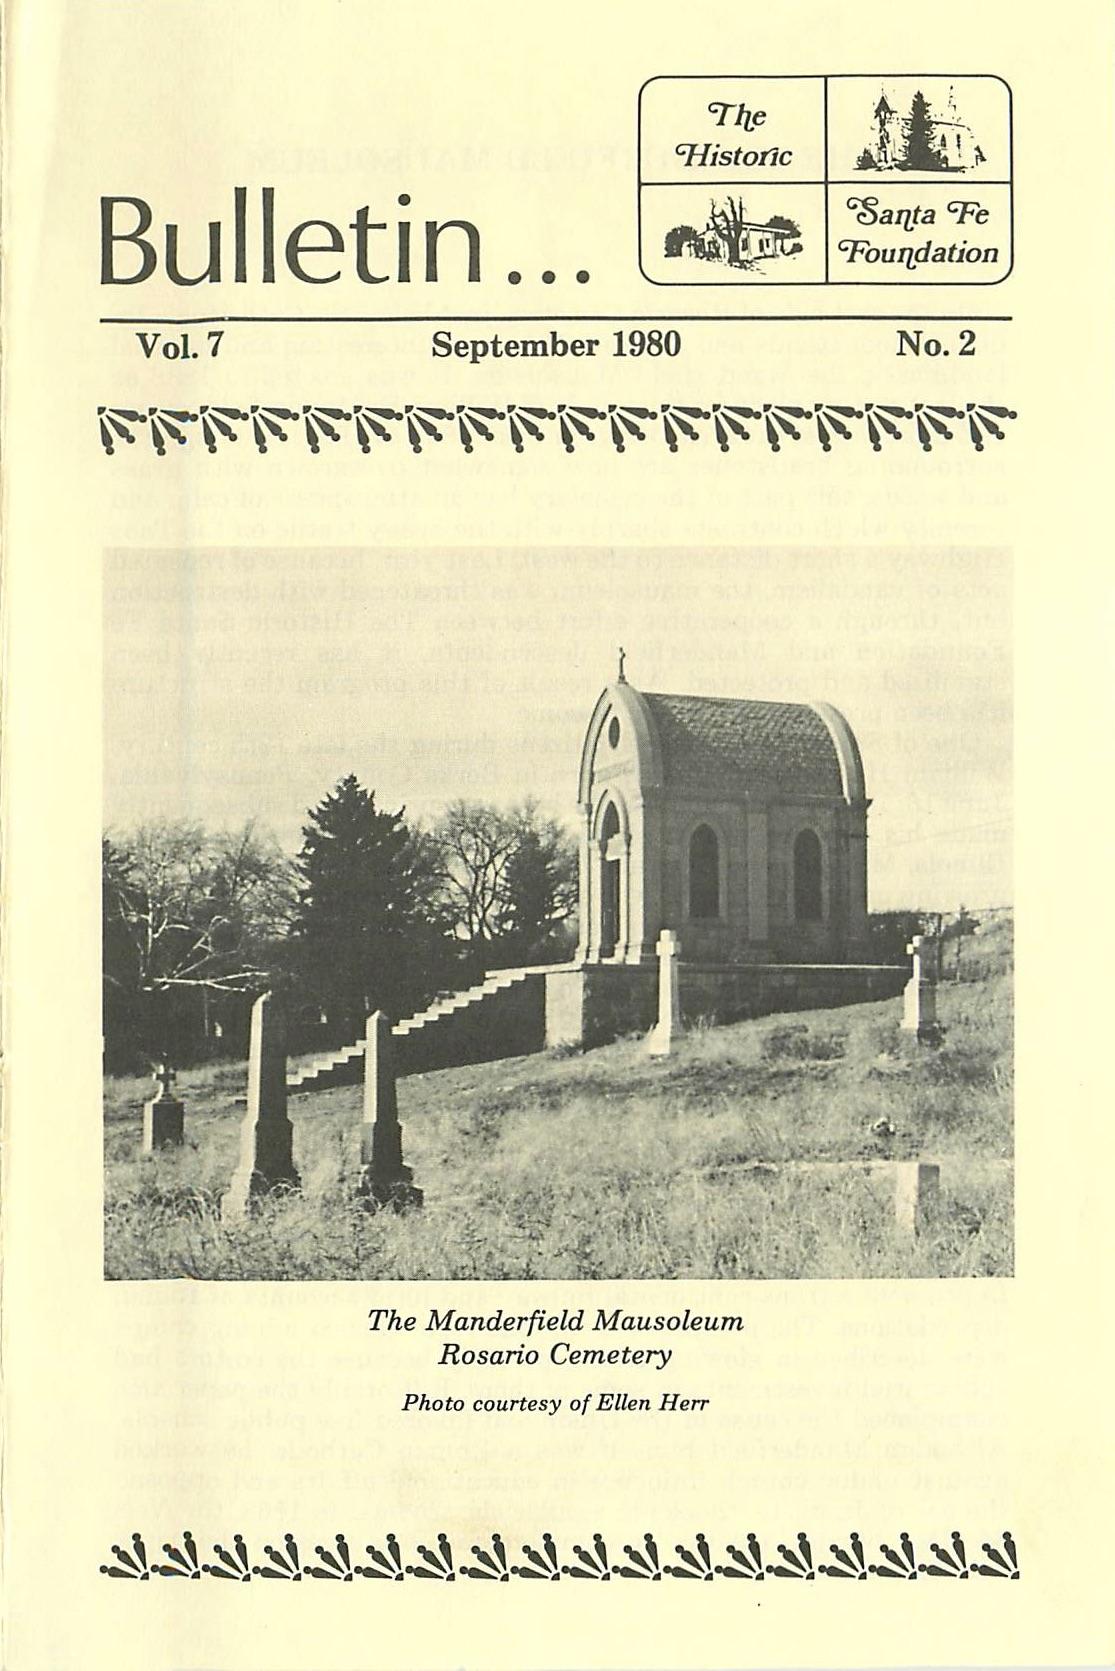 1980 HSFF Bulletin Vol.7 No.2 Cover